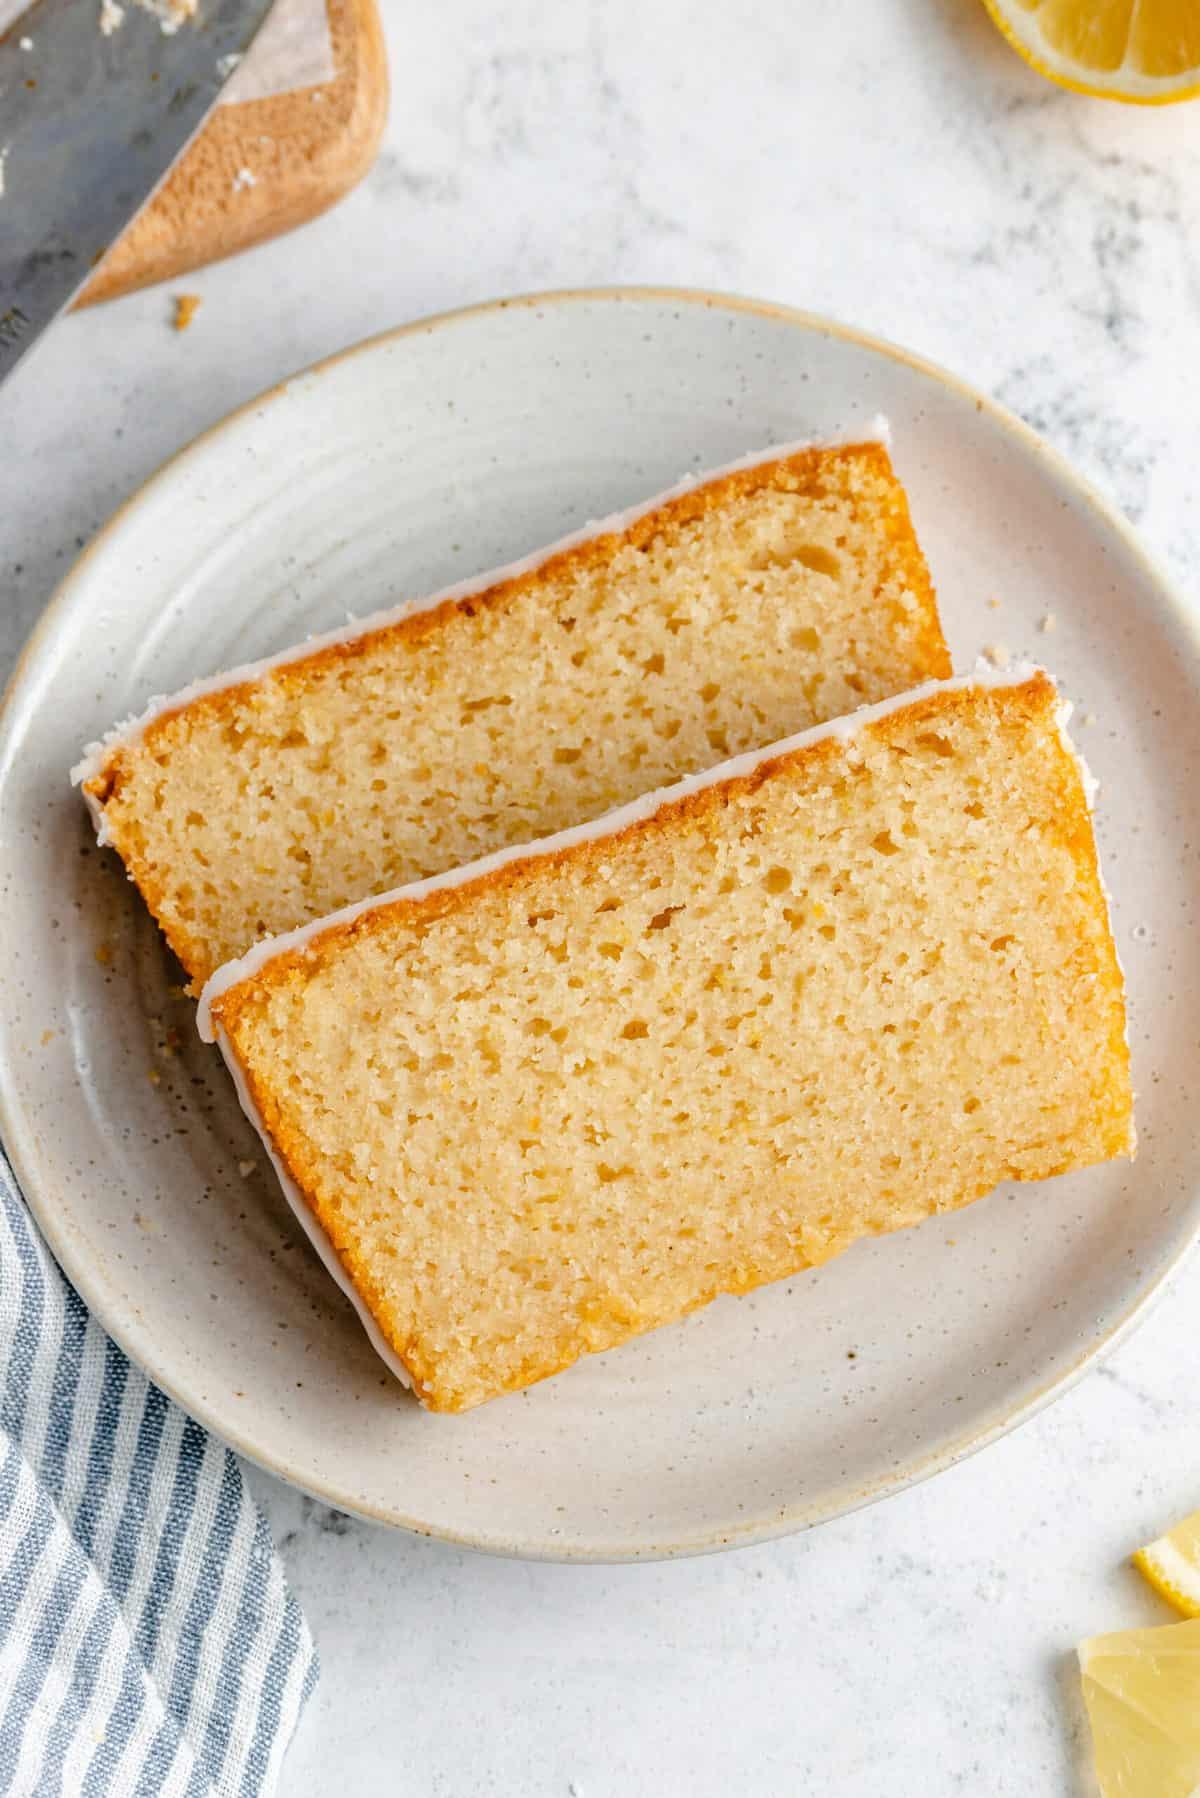 Two slices of glazed lemon loaf cake.